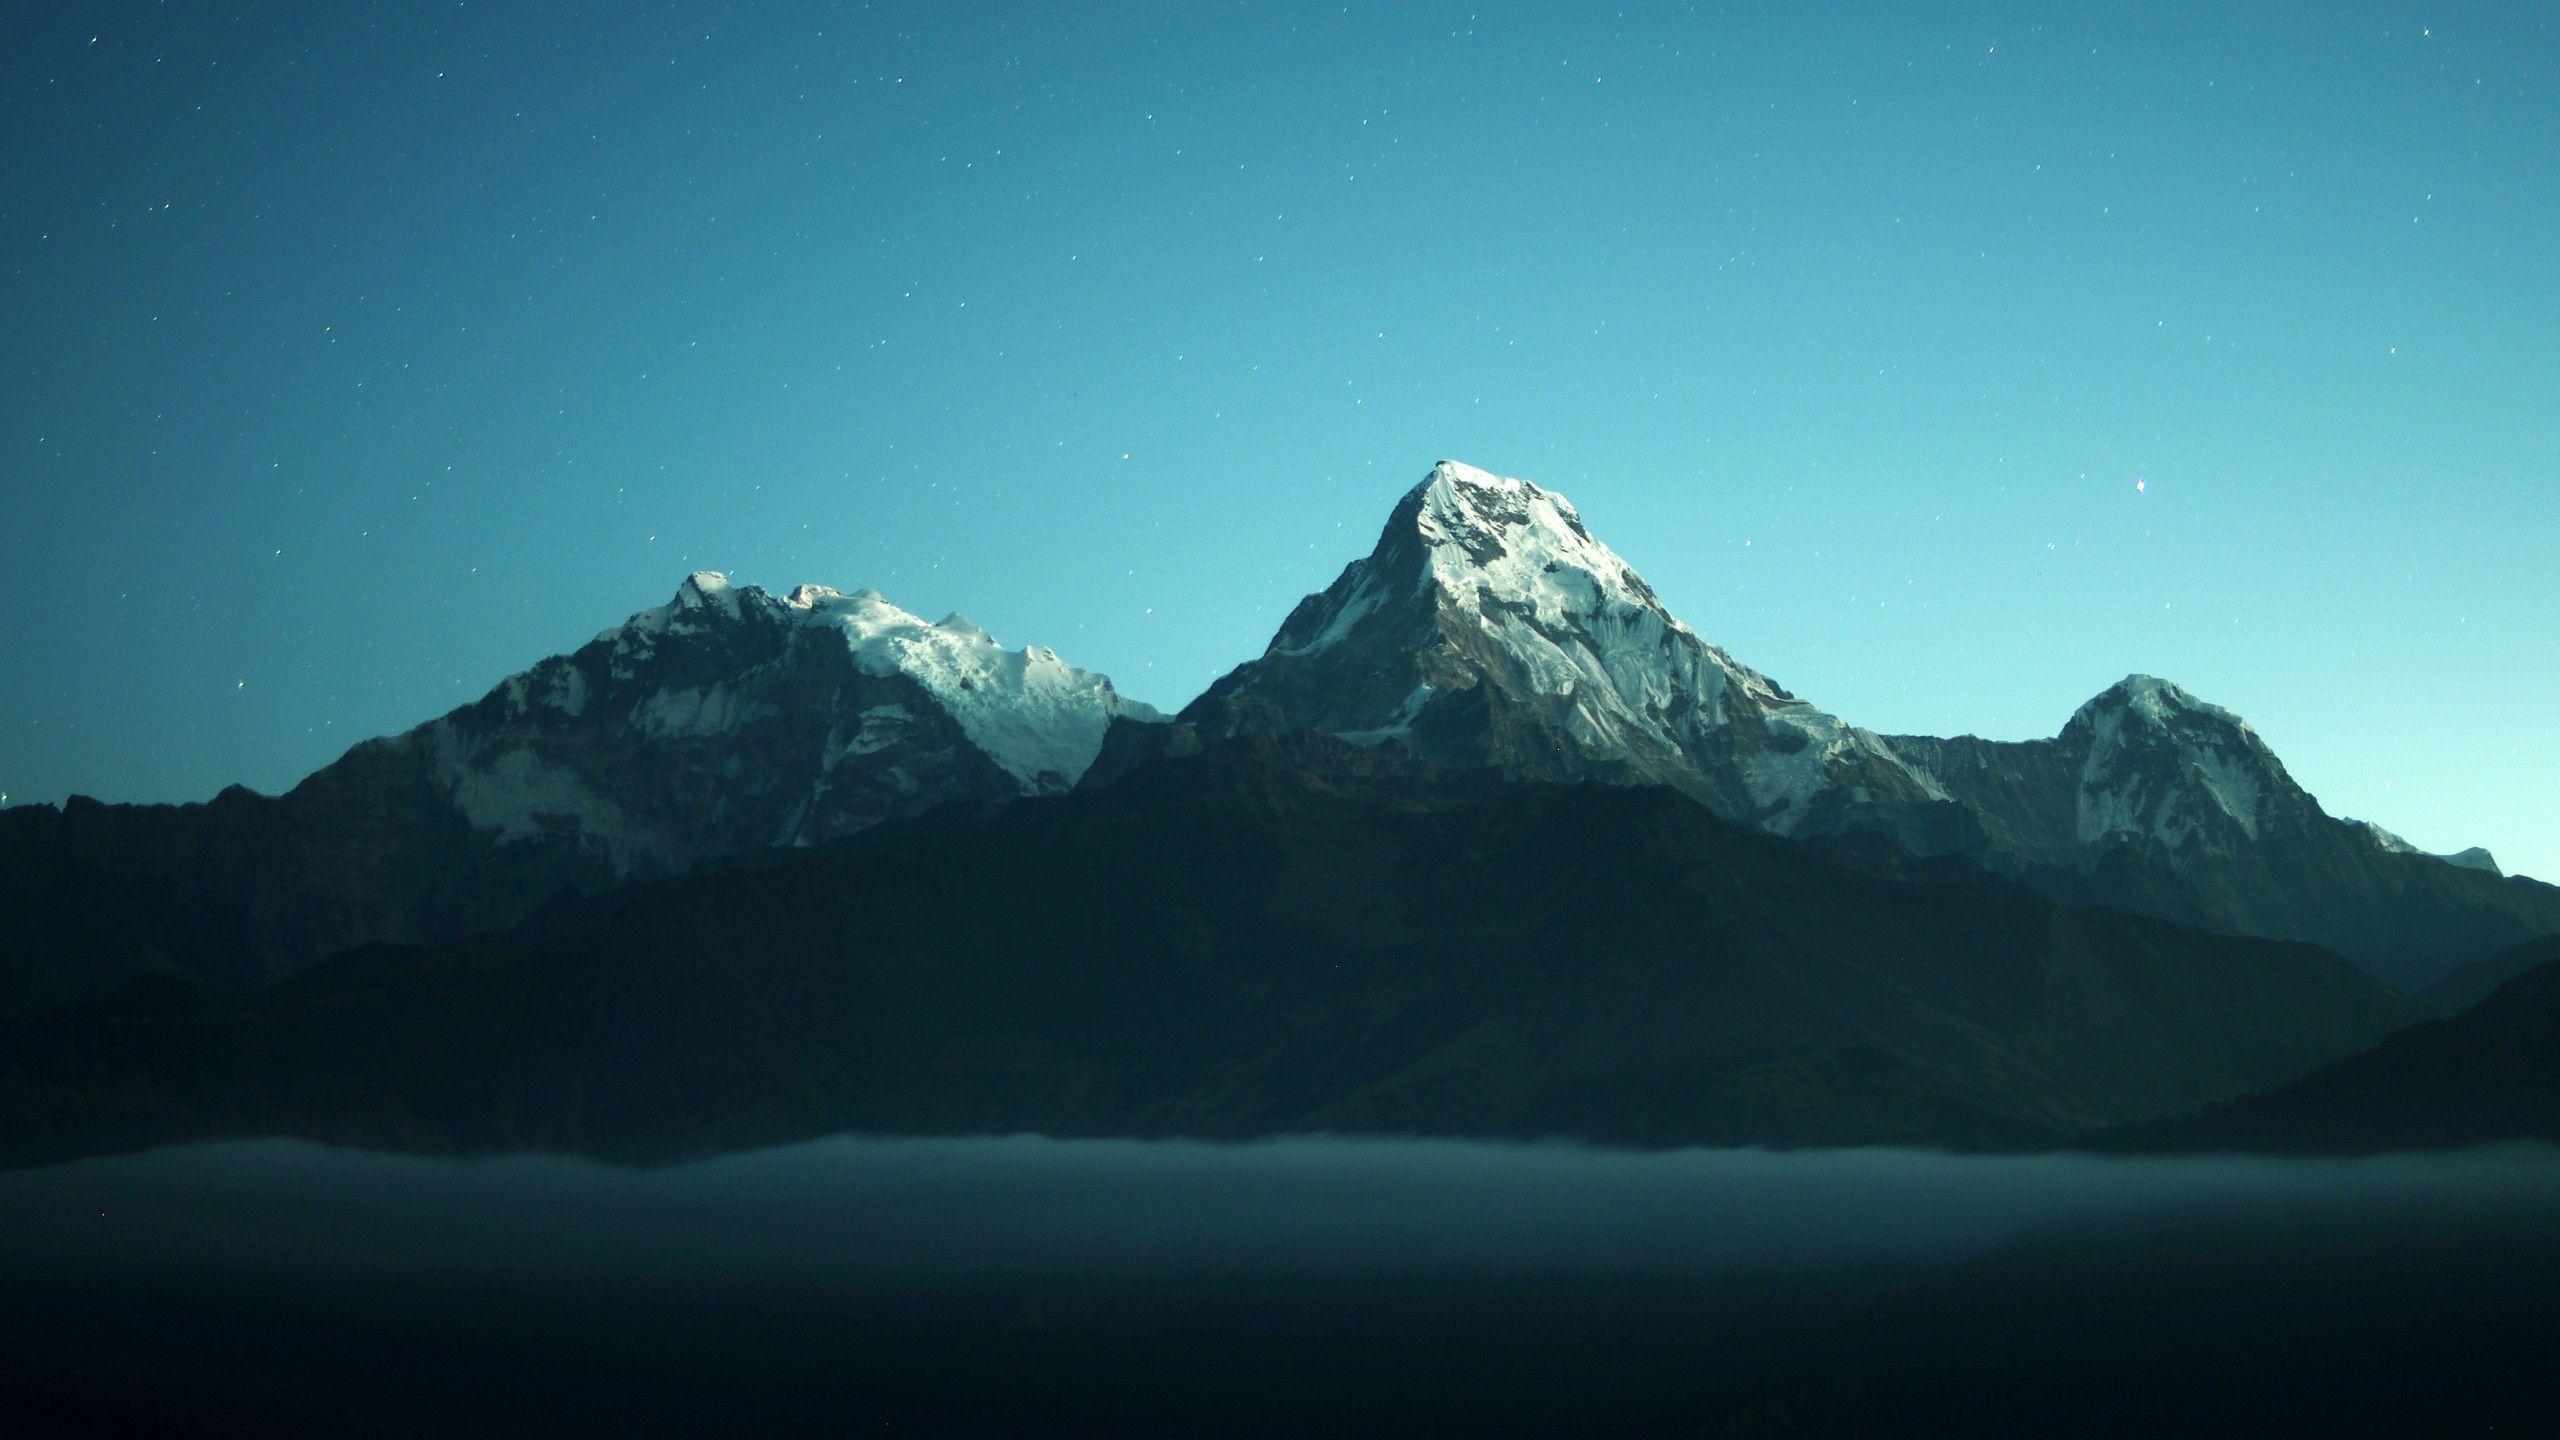 Annapurna Massif In Nepal 5k 2560 1440 Windows Wallpaper